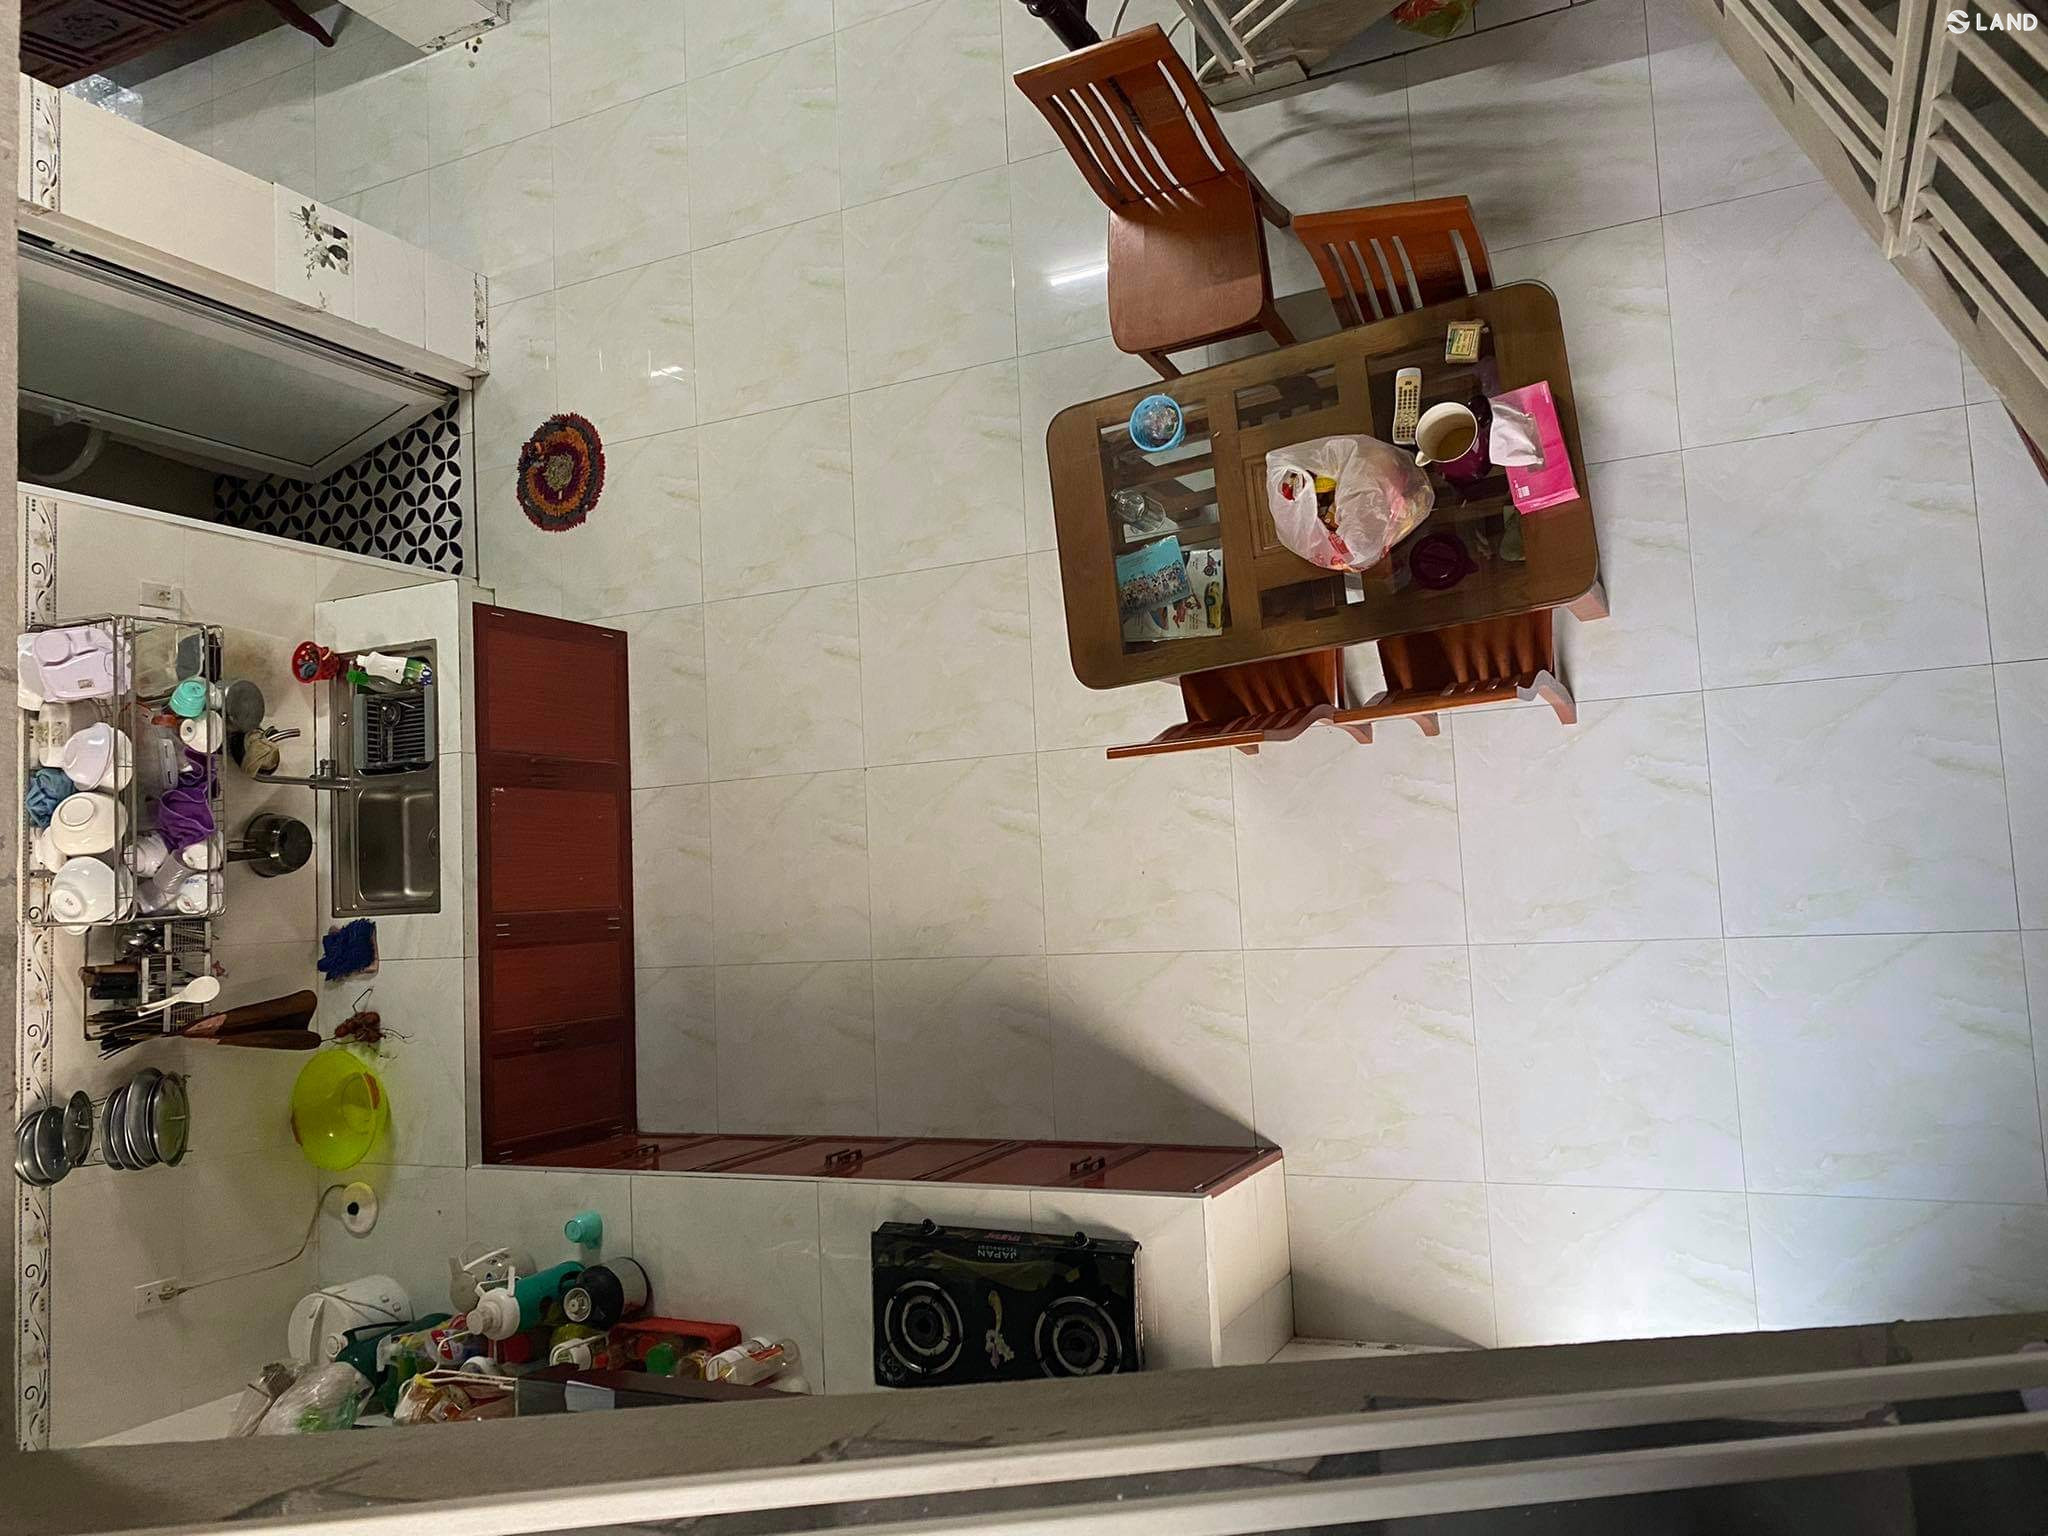 🕋 Bán Nhà 2 Tầng kiệt 2 ô tô tránh nhau đường Nguyễn Phúc Nguyên, Huế 🕋